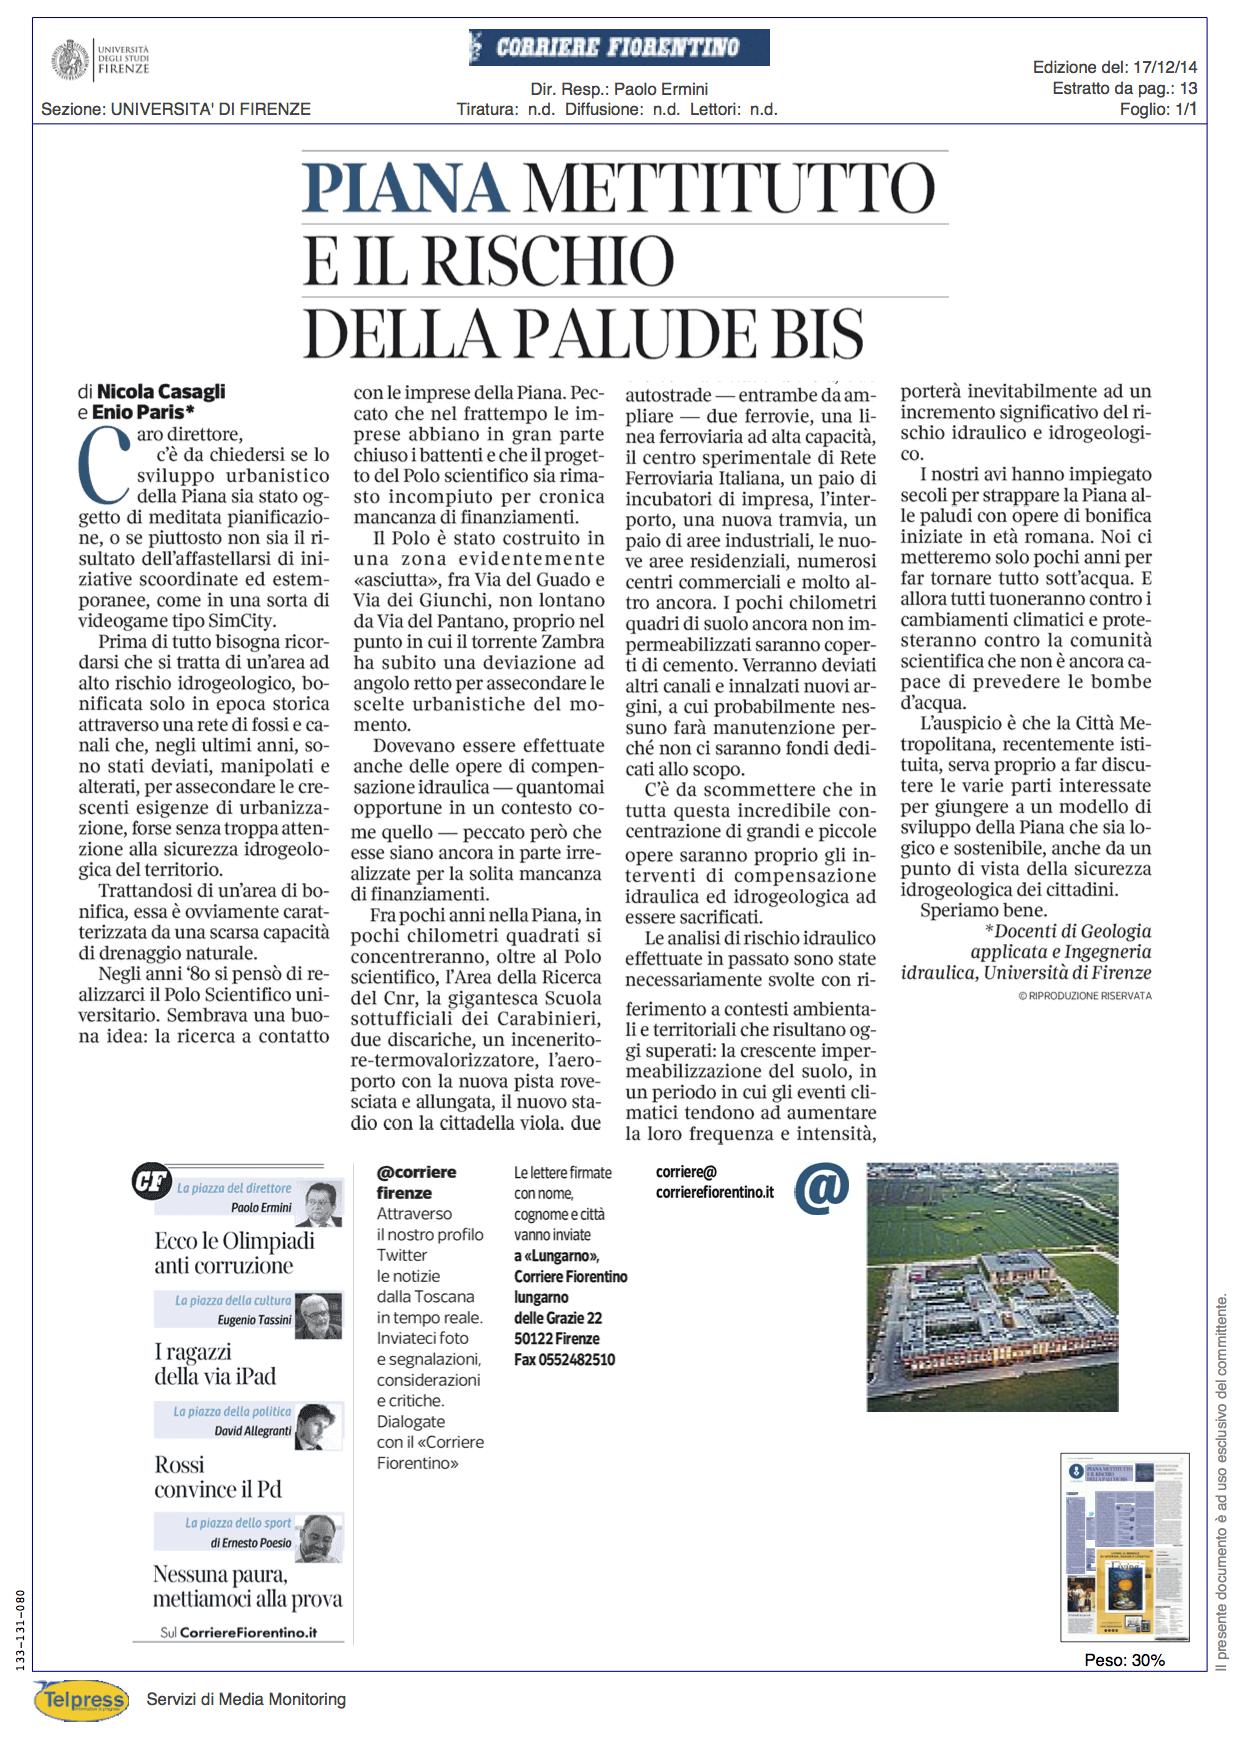 Casagli Paris_Corriere Fiorentino